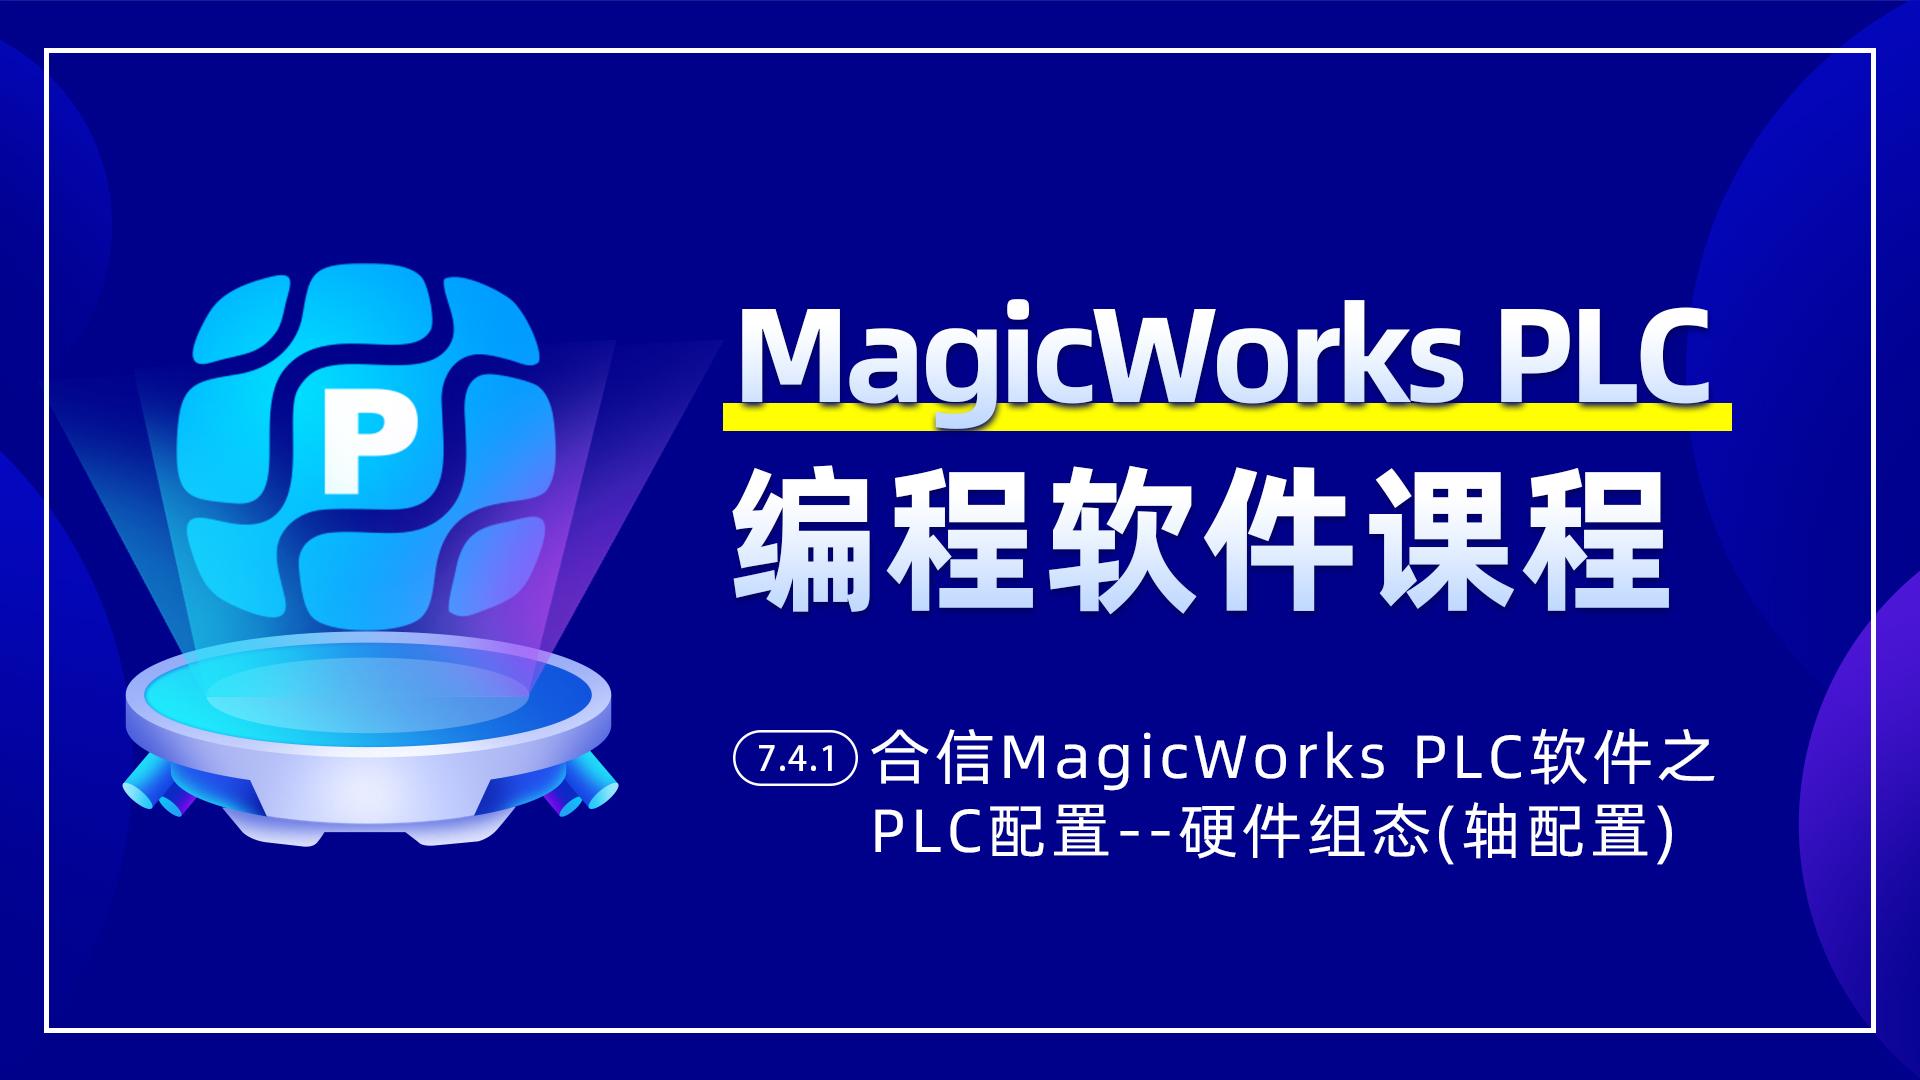 7.4.1 合信MagicWorks PLC软件轴配置向导使用介绍